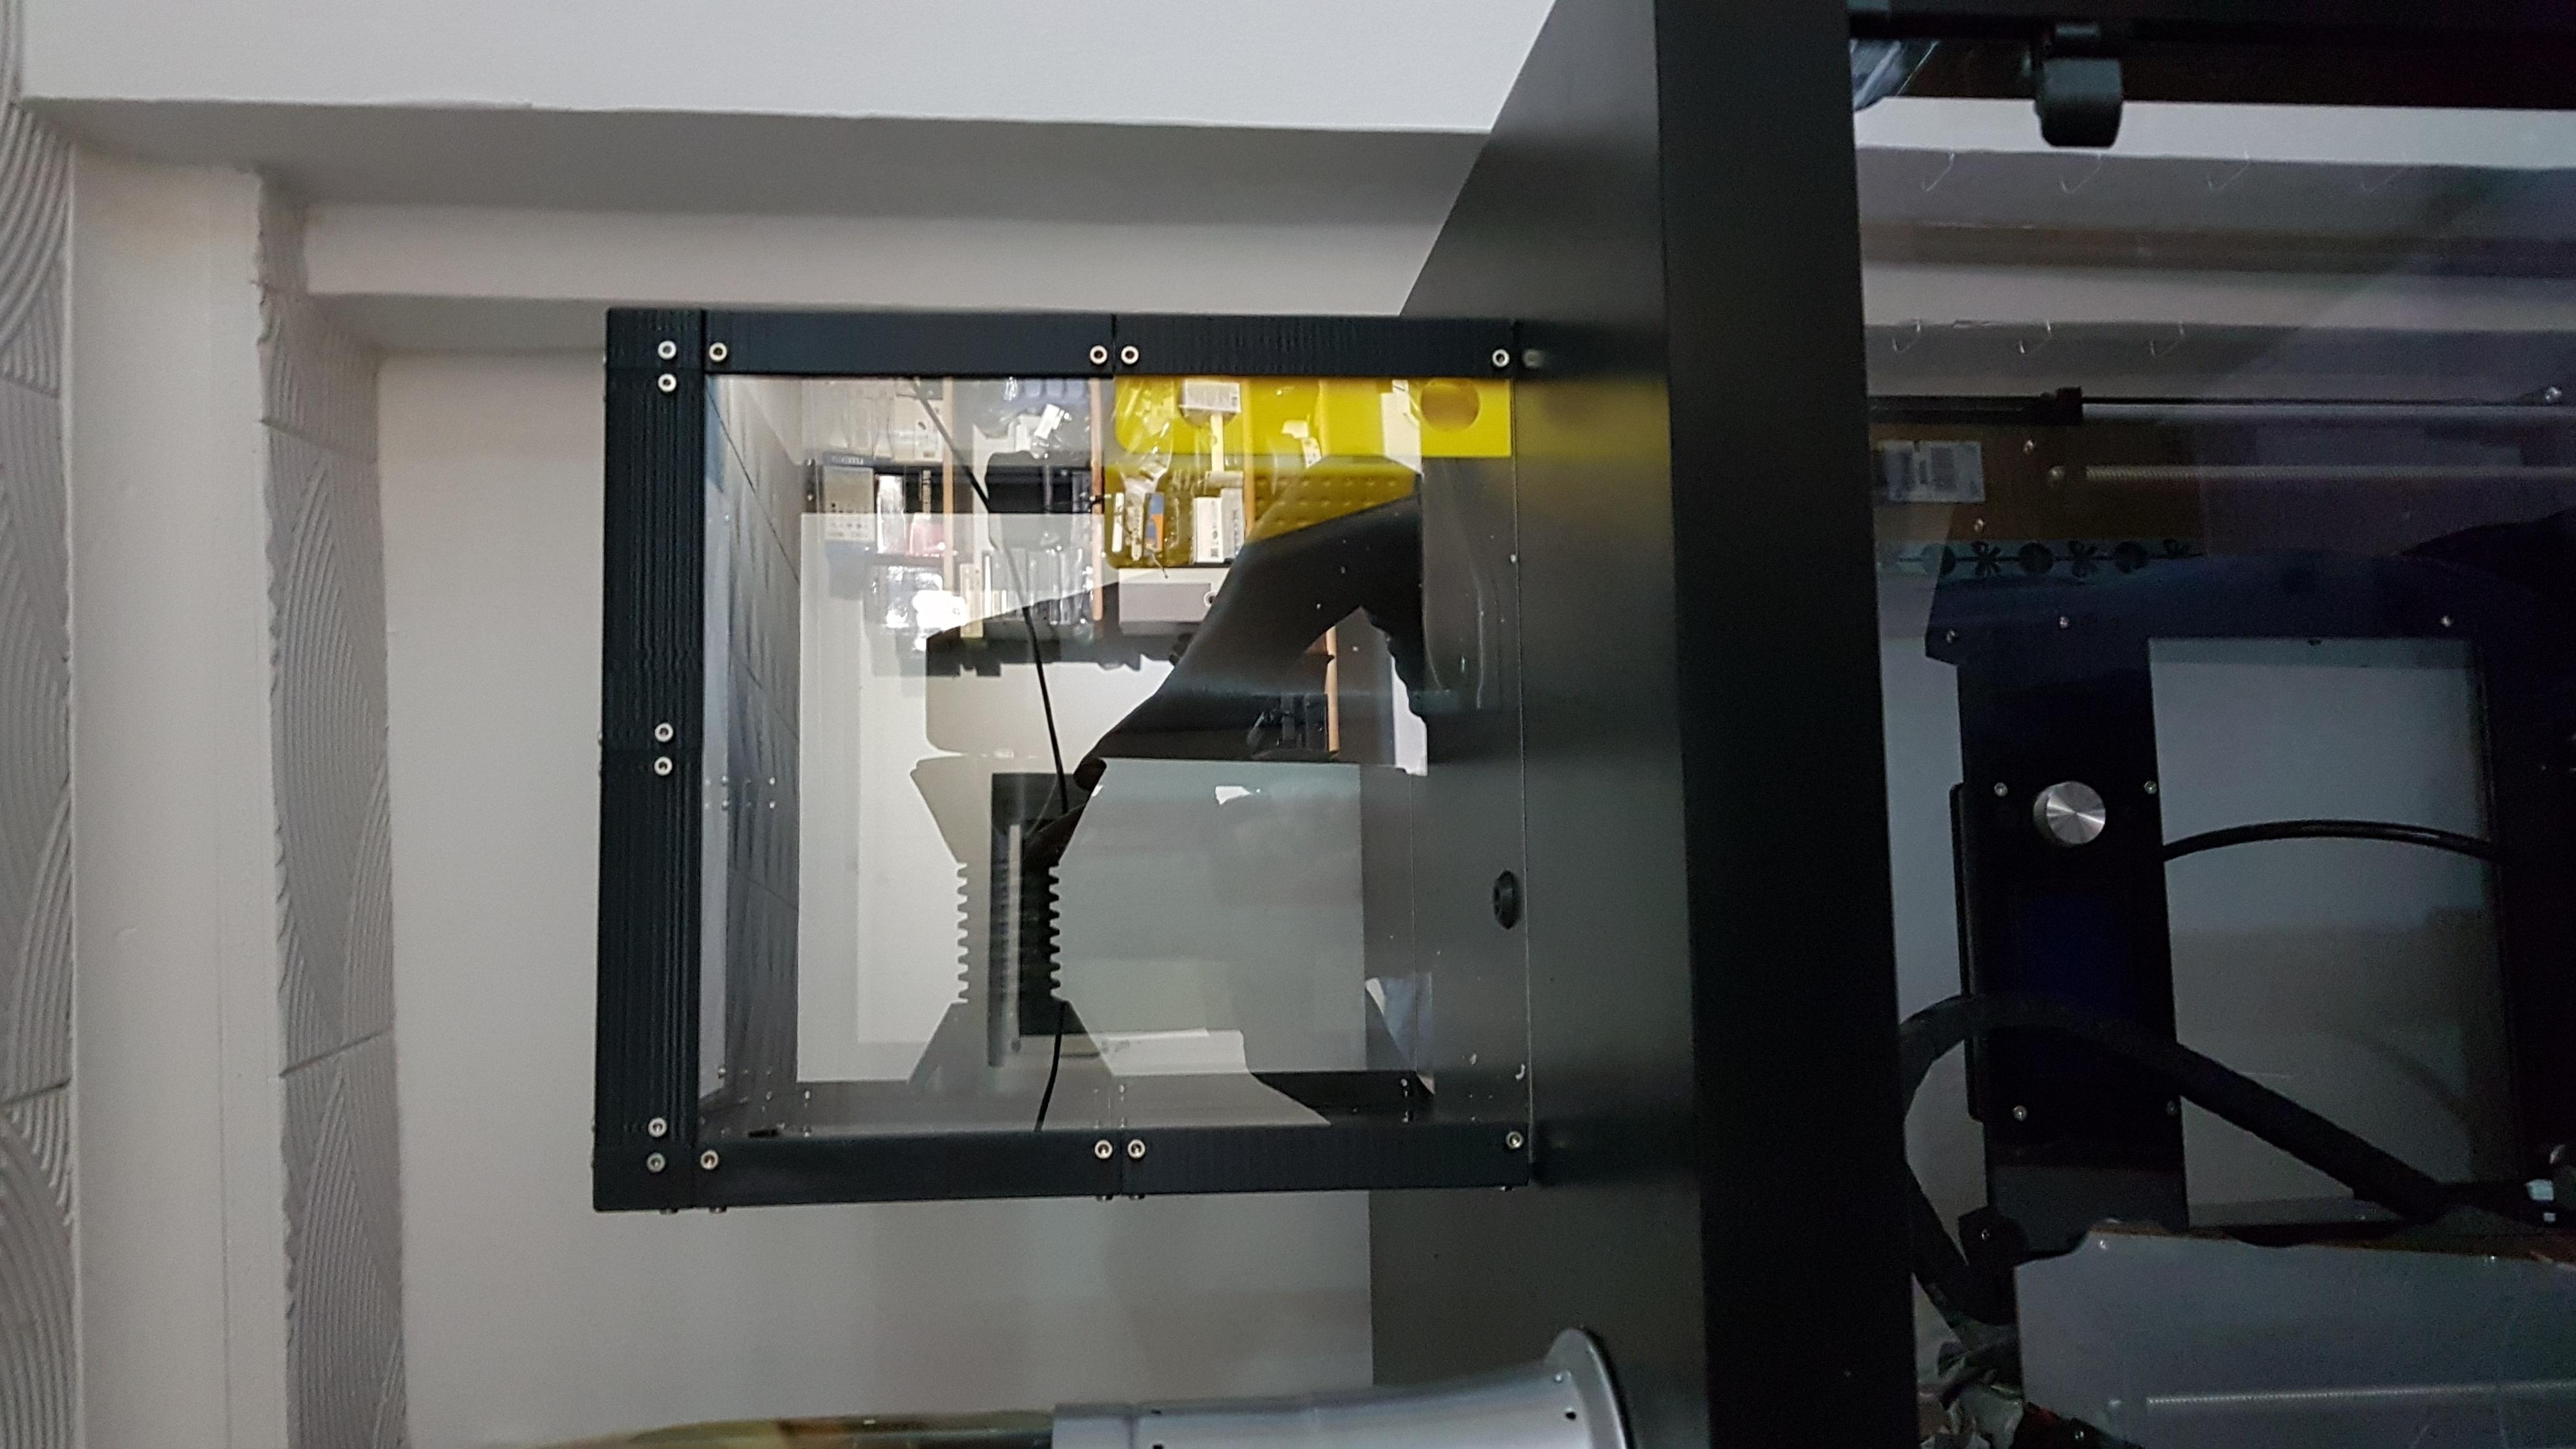 20190128_210352.jpg Télécharger fichier STL gratuit Couvercle de bobine pour les enceintes avec des bidons déshydratants en option • Modèle à imprimer en 3D, gnattycole